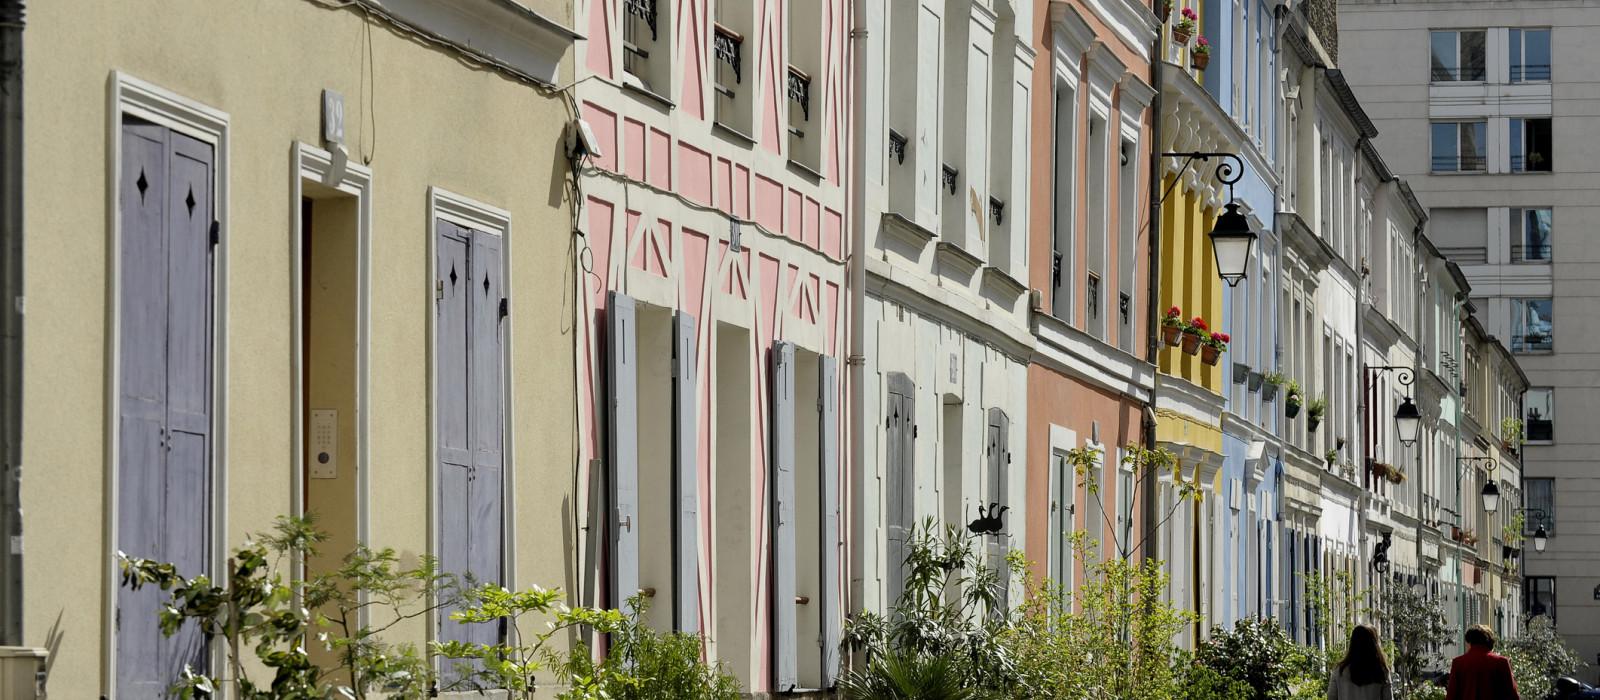 Les 5 rues les plus insolites de Paris